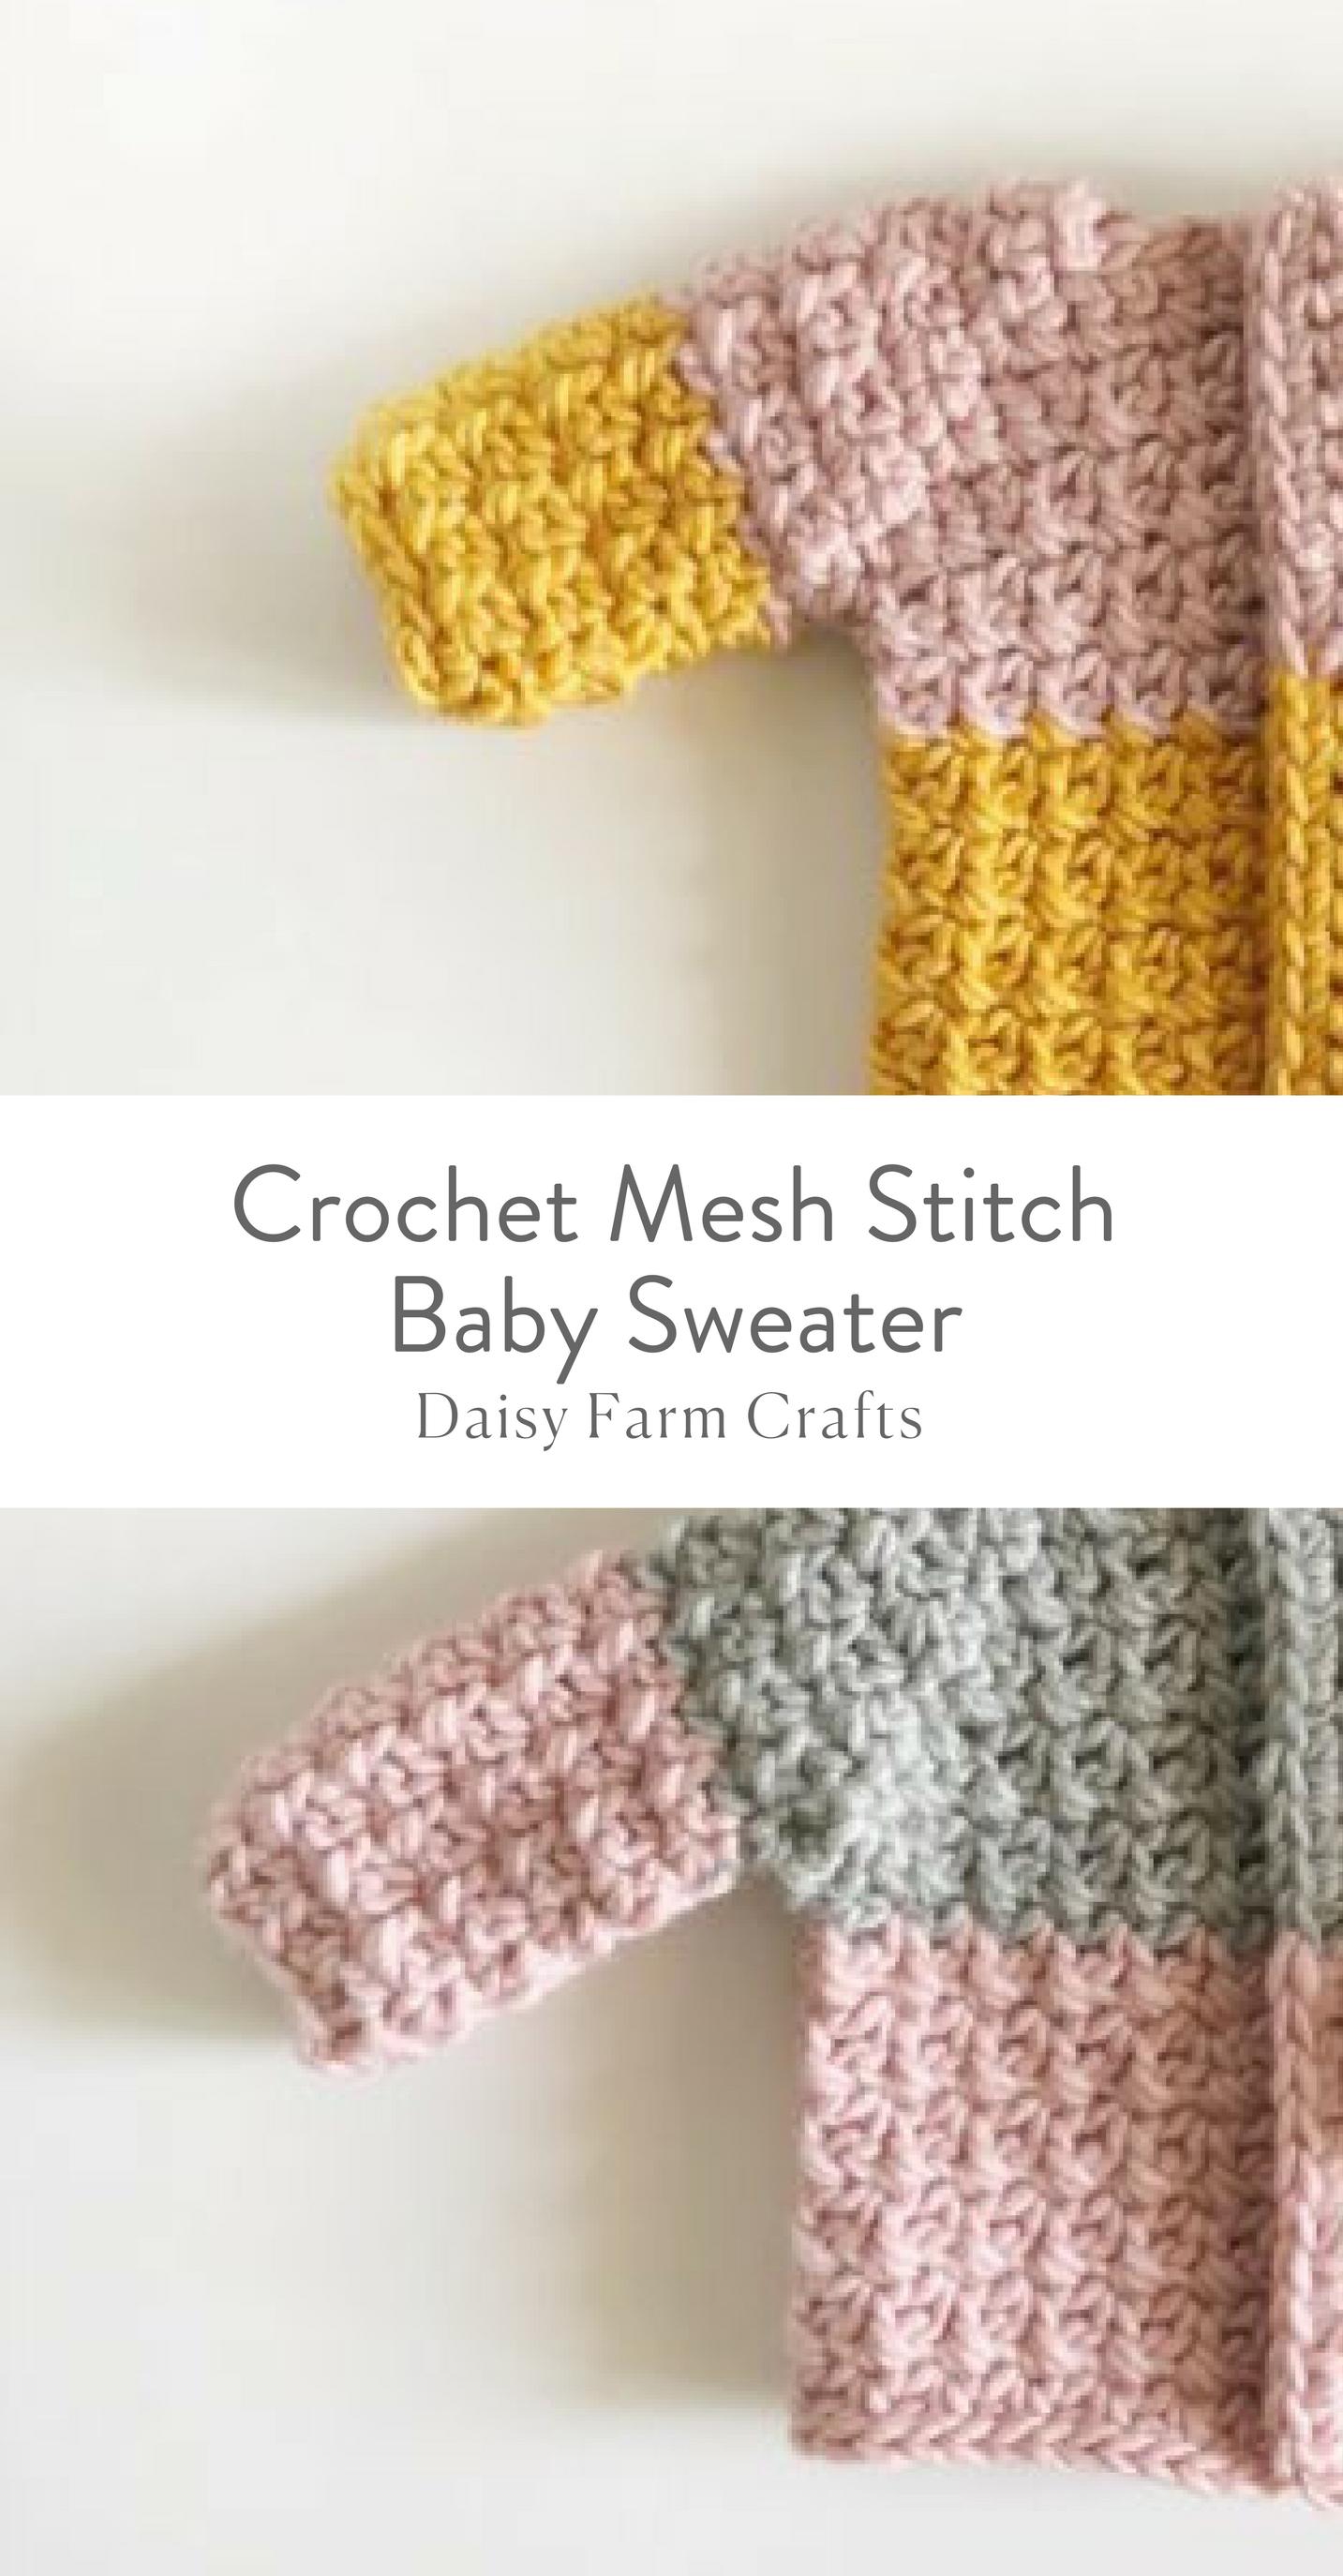 Free Pattern - Crochet Mesh Stitch Baby Sweater | yarn | Pinterest ...